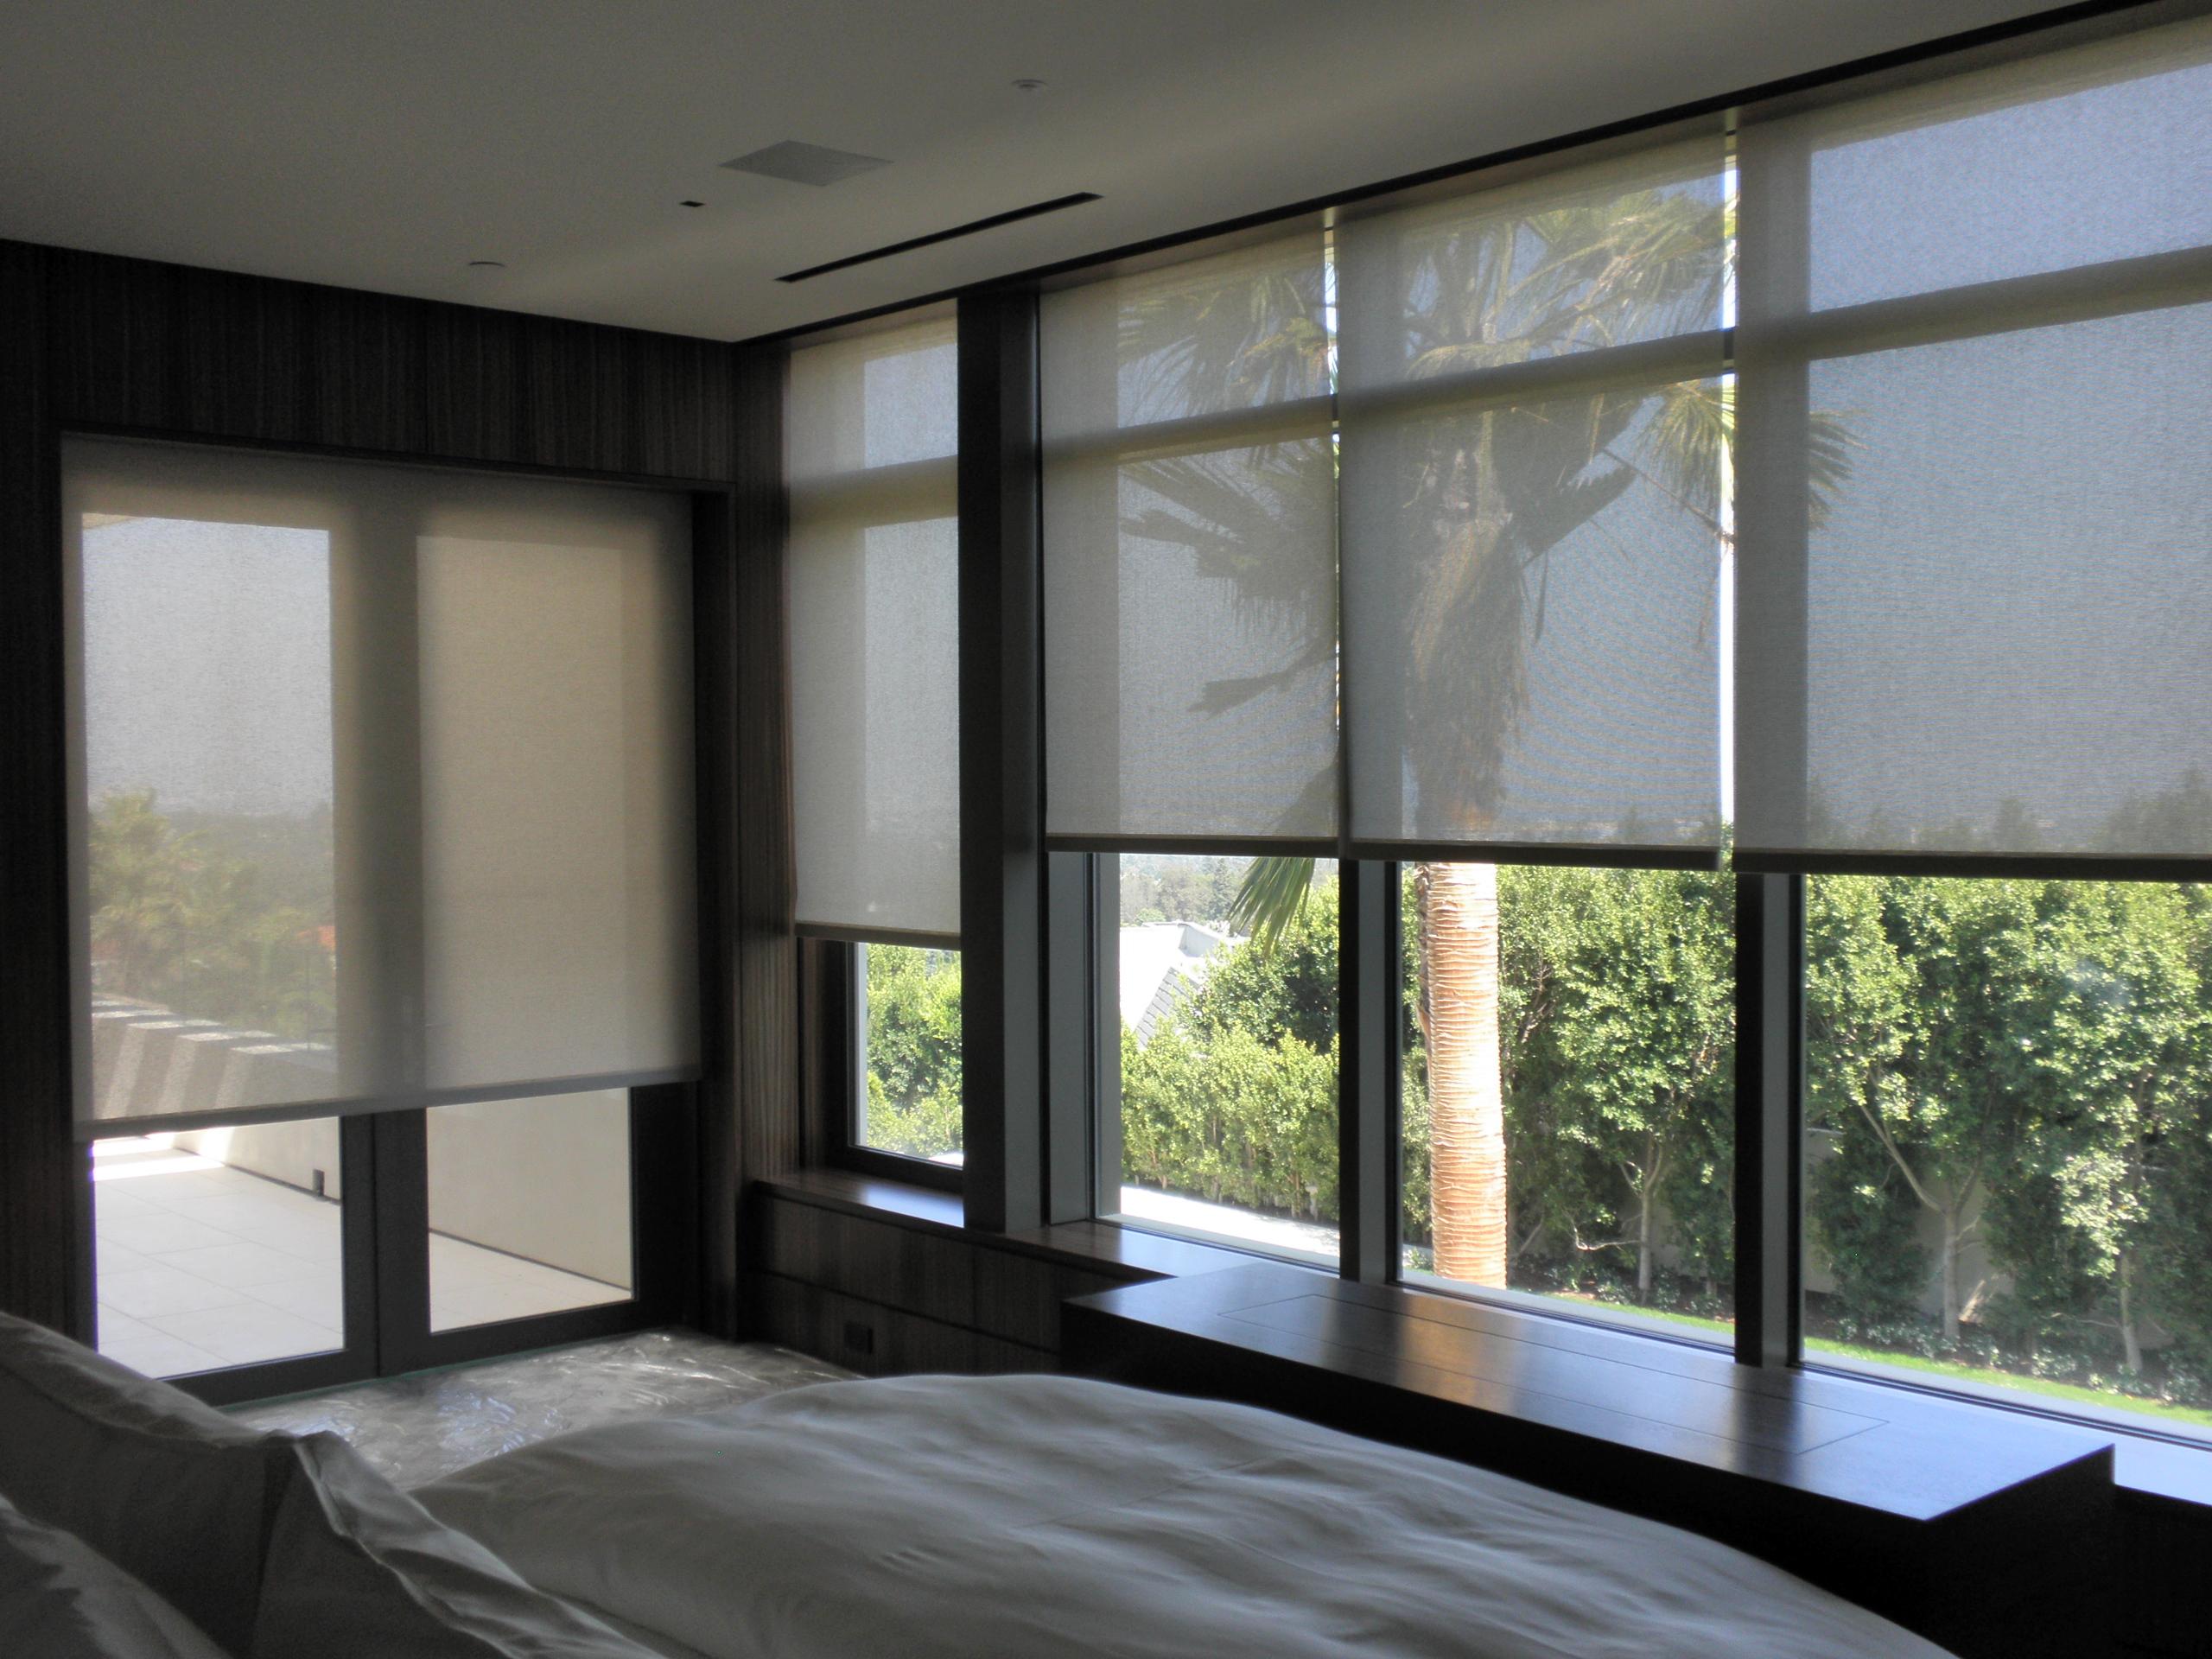 Hotel Window Solar Shades